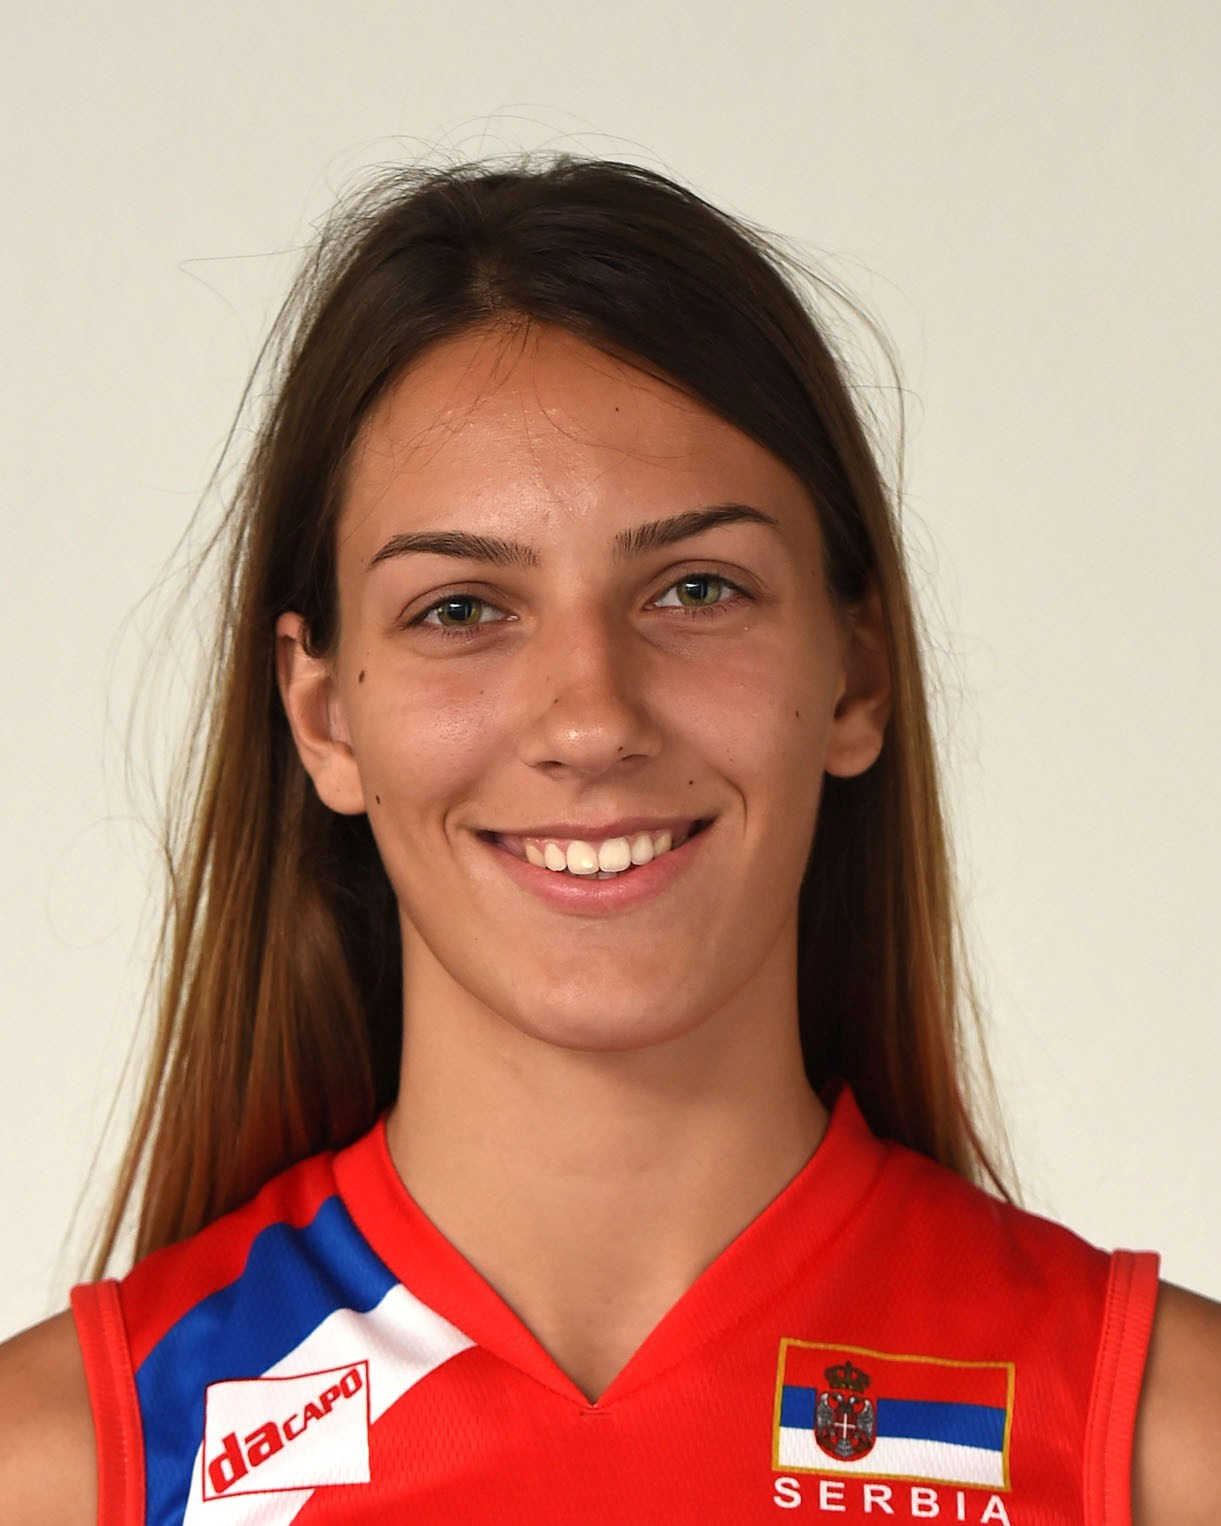 Katarina Marinkovic